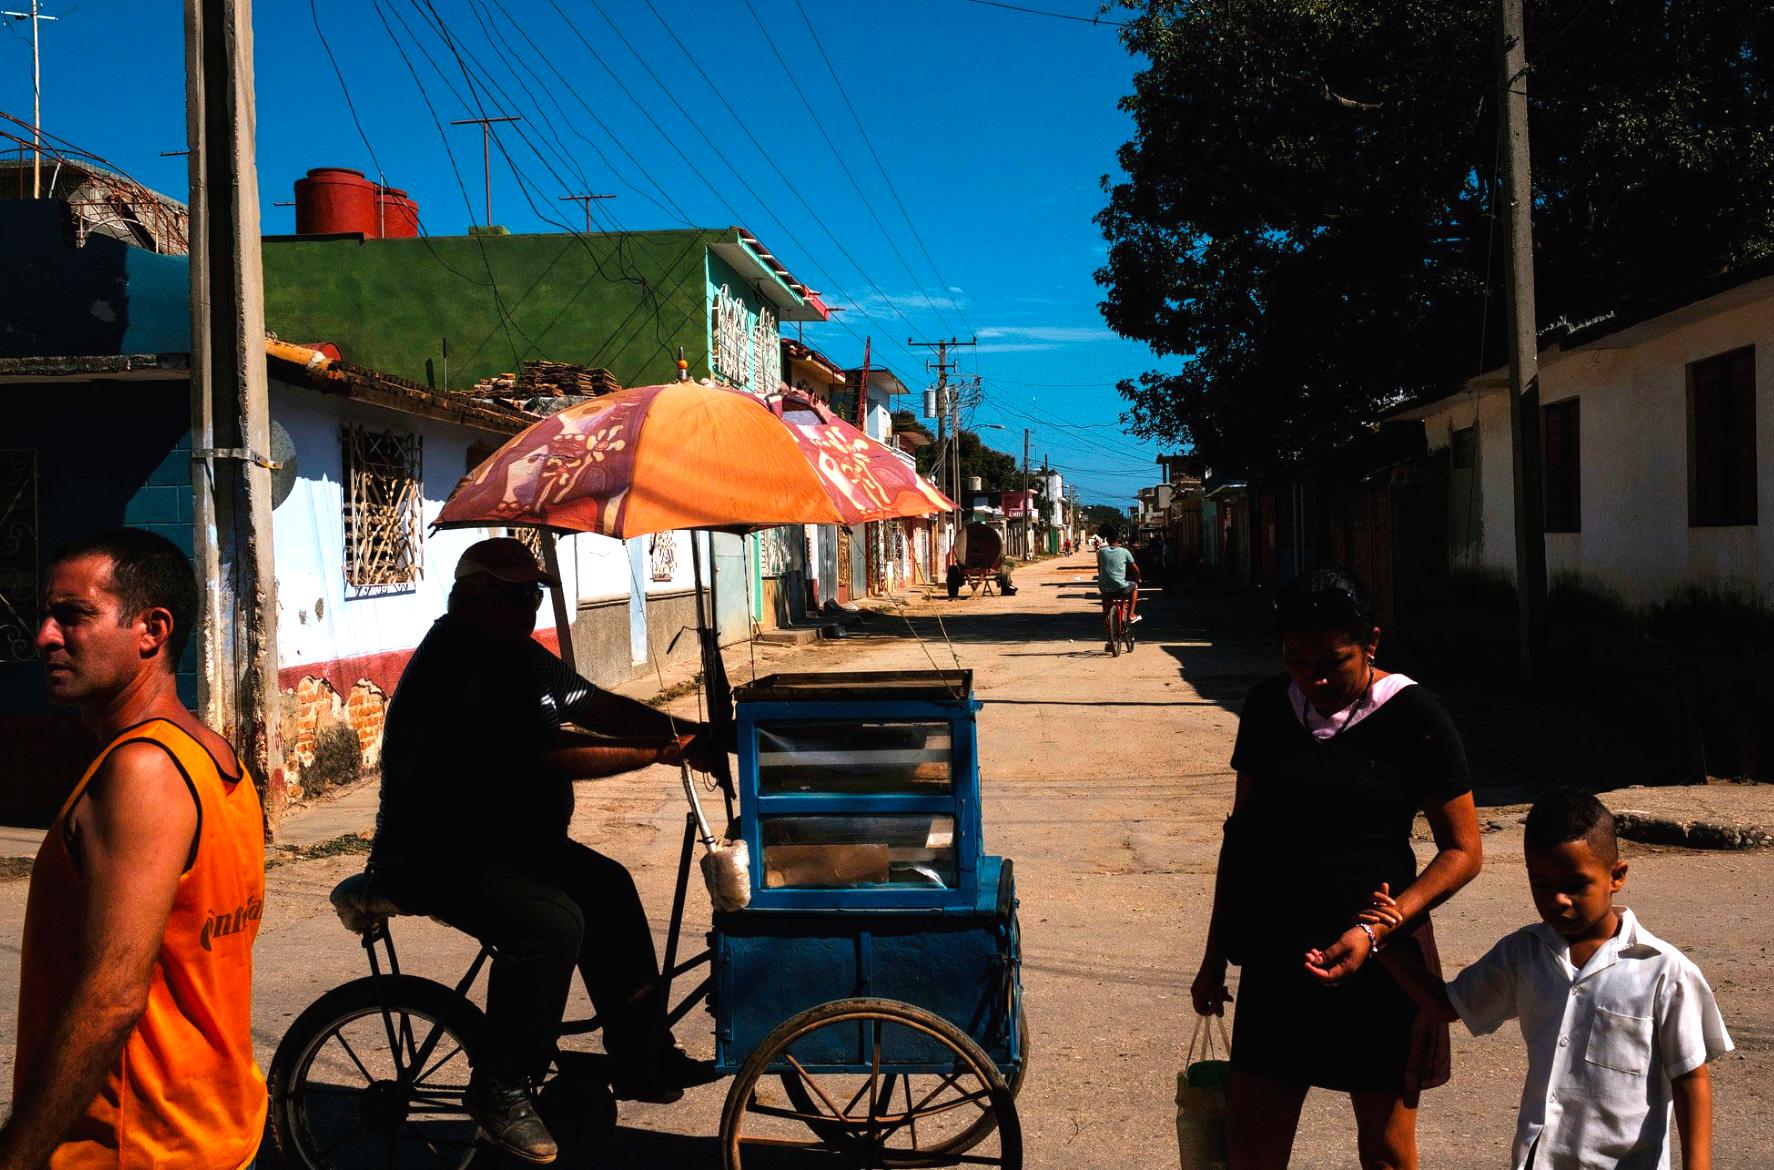 路地裏から見た「キューバ」という国の素顔(写真30枚)